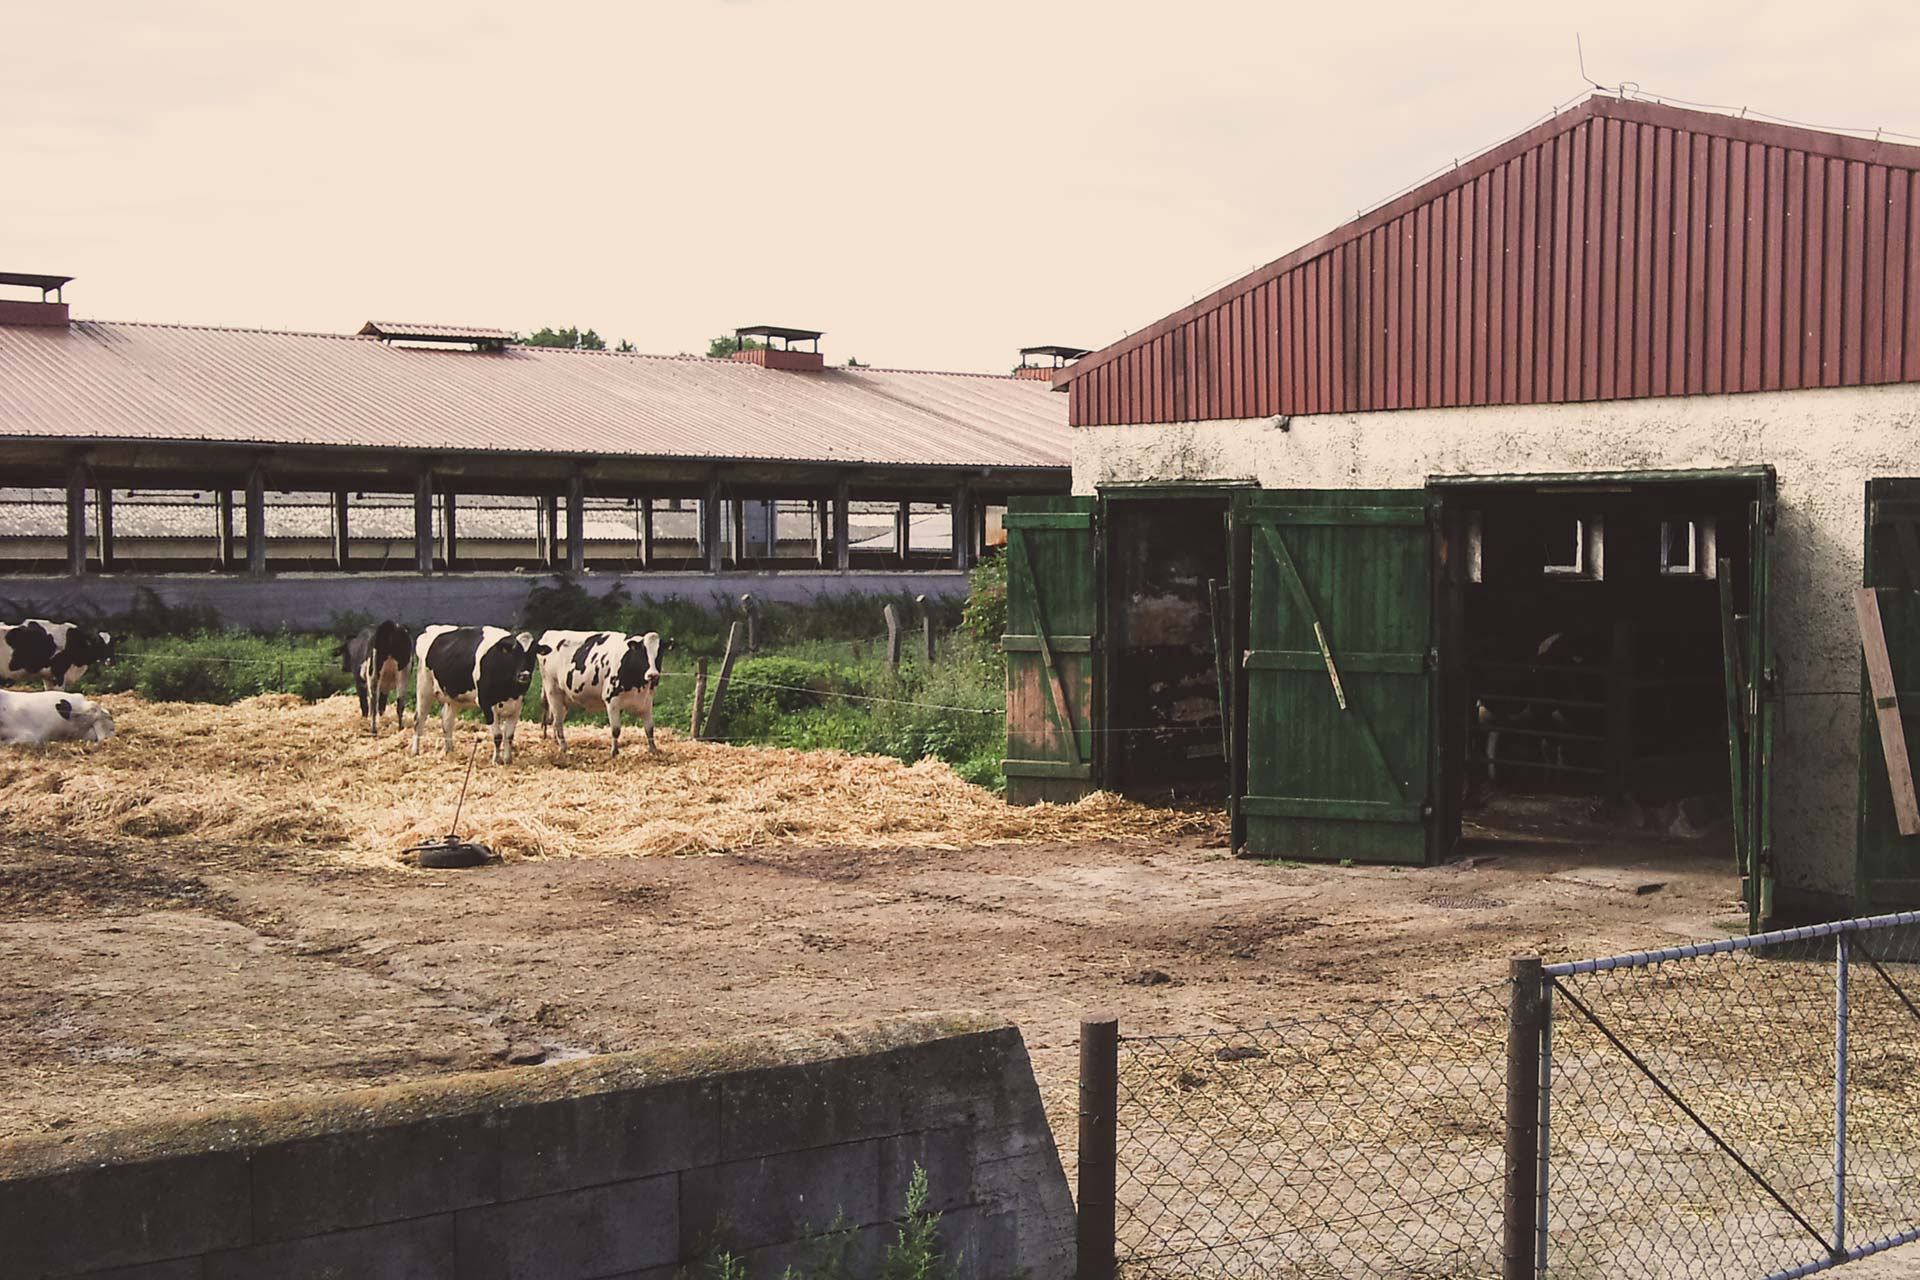 Wenn es auf den Feldern schon mal zu eng wird, muss halt der Hof zur Tierhaltung herhalten.